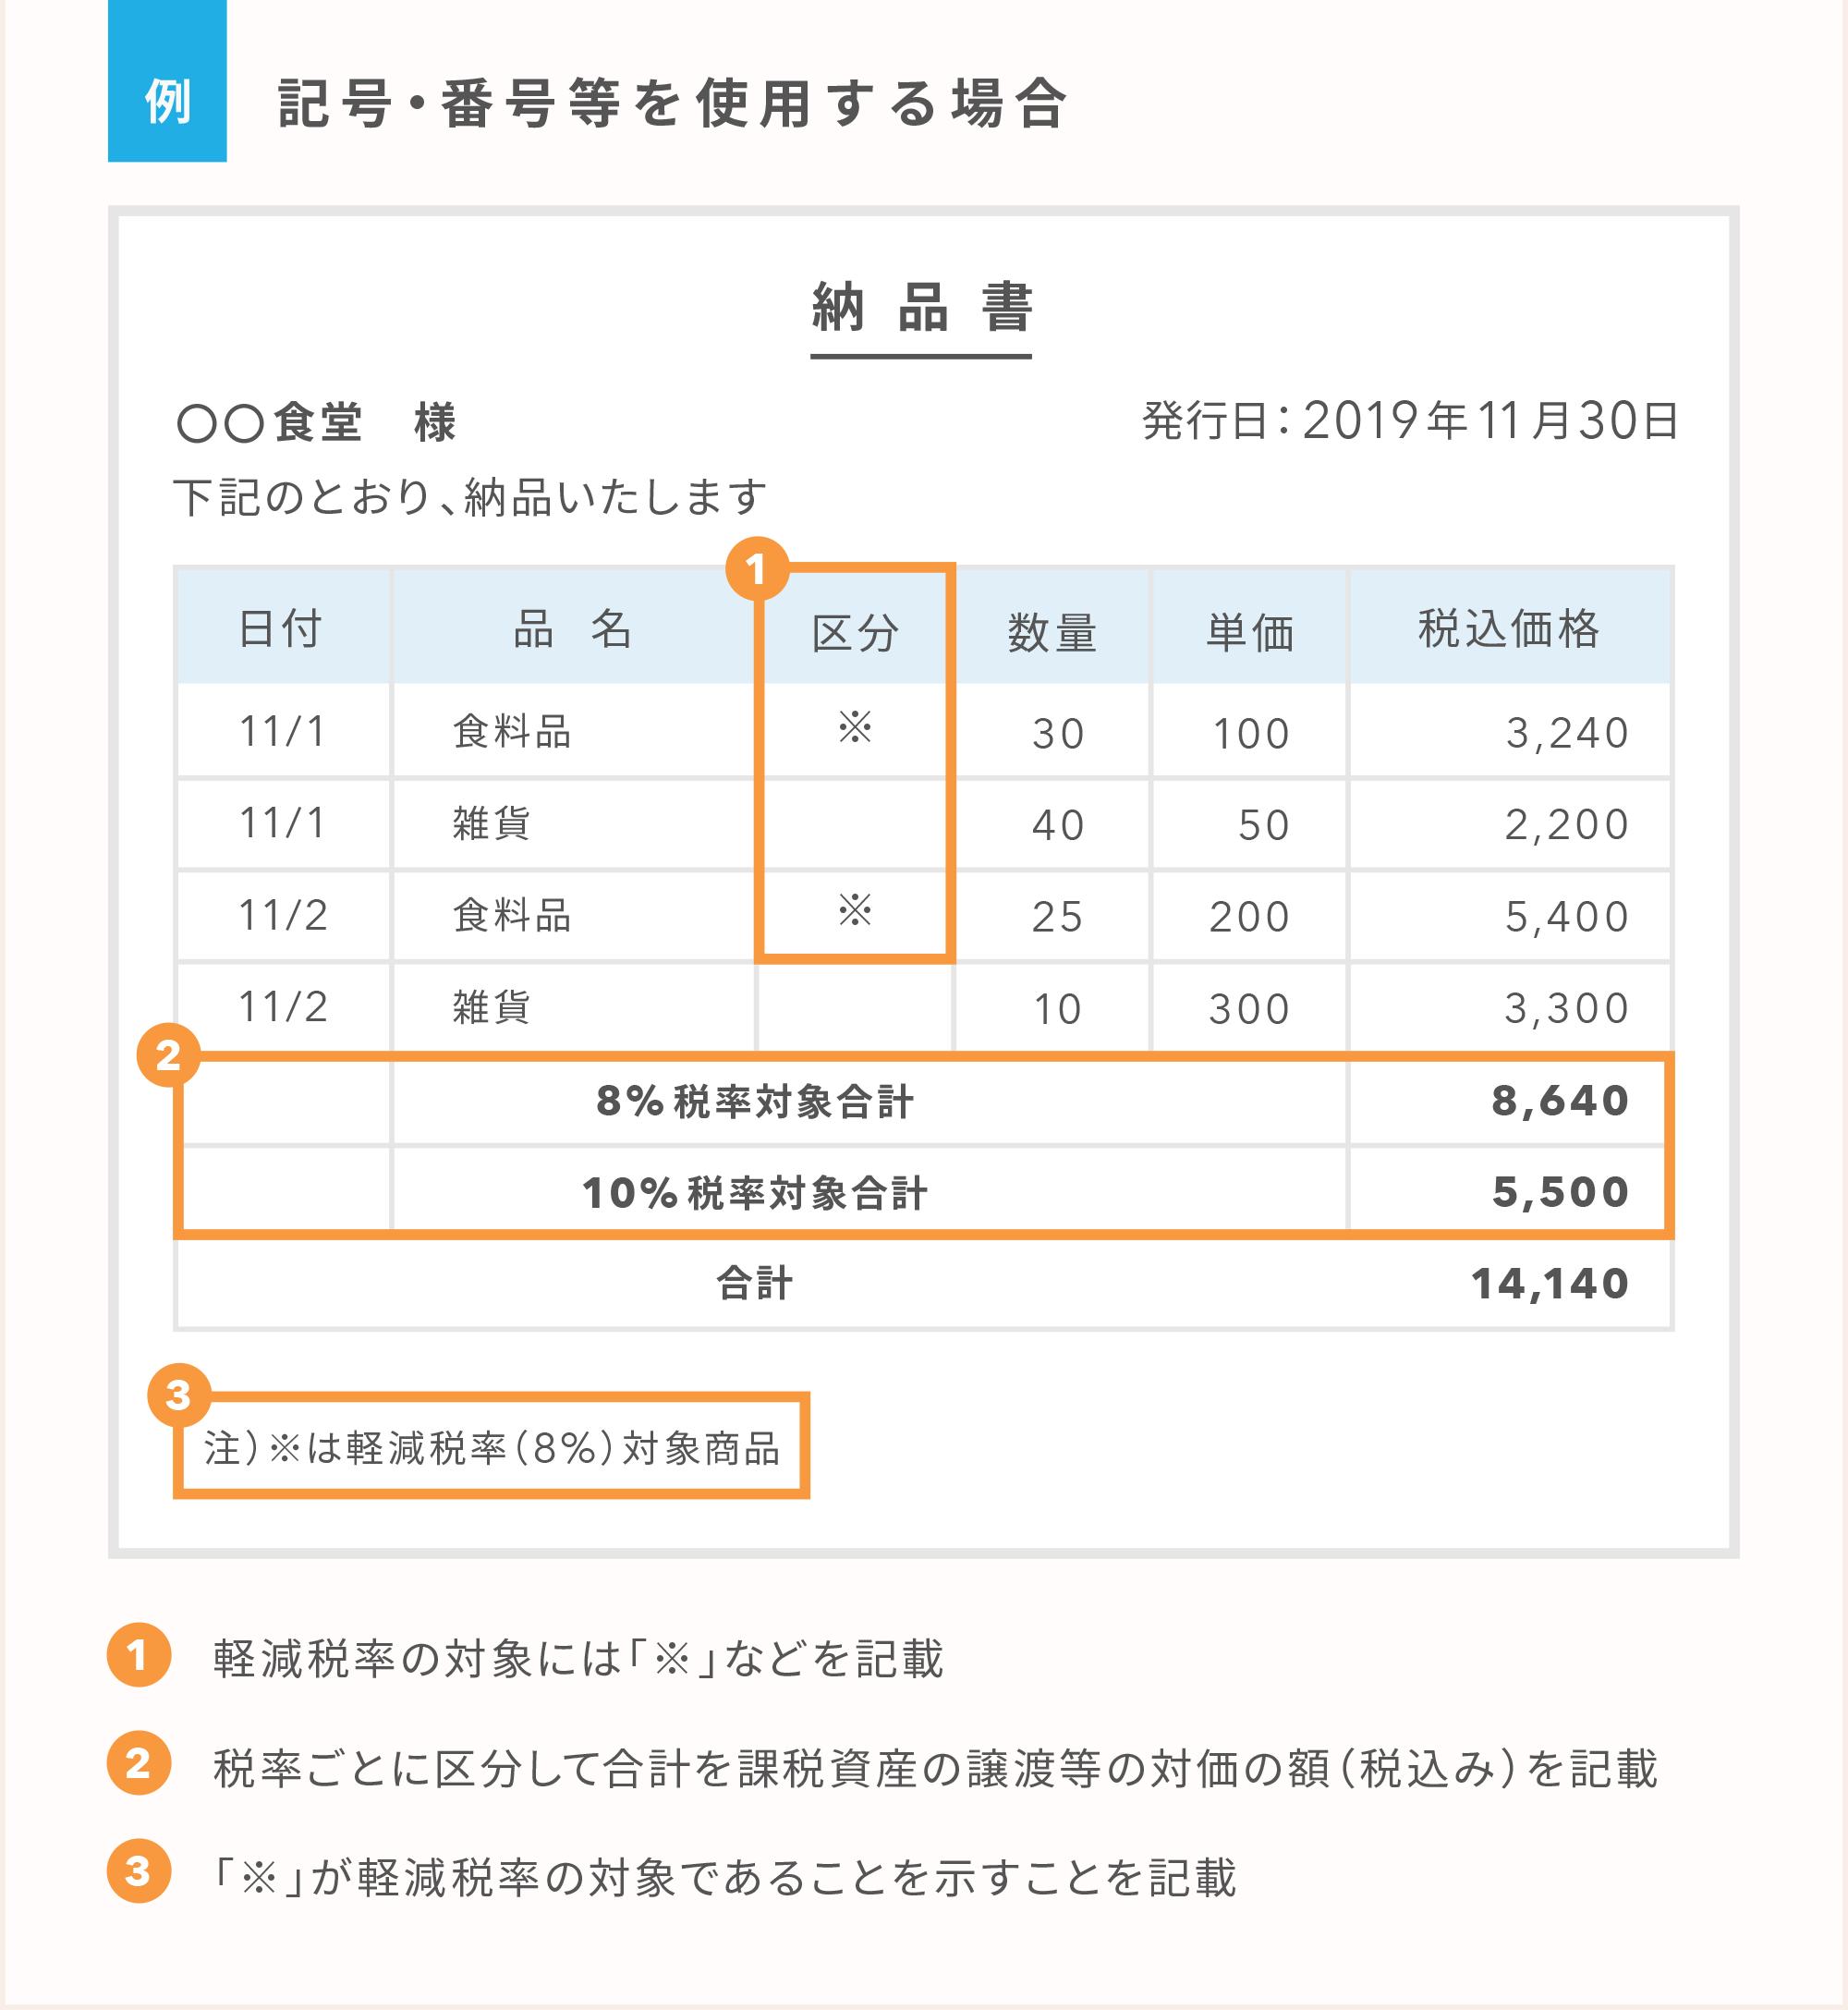 区分記載納品書の例a-1